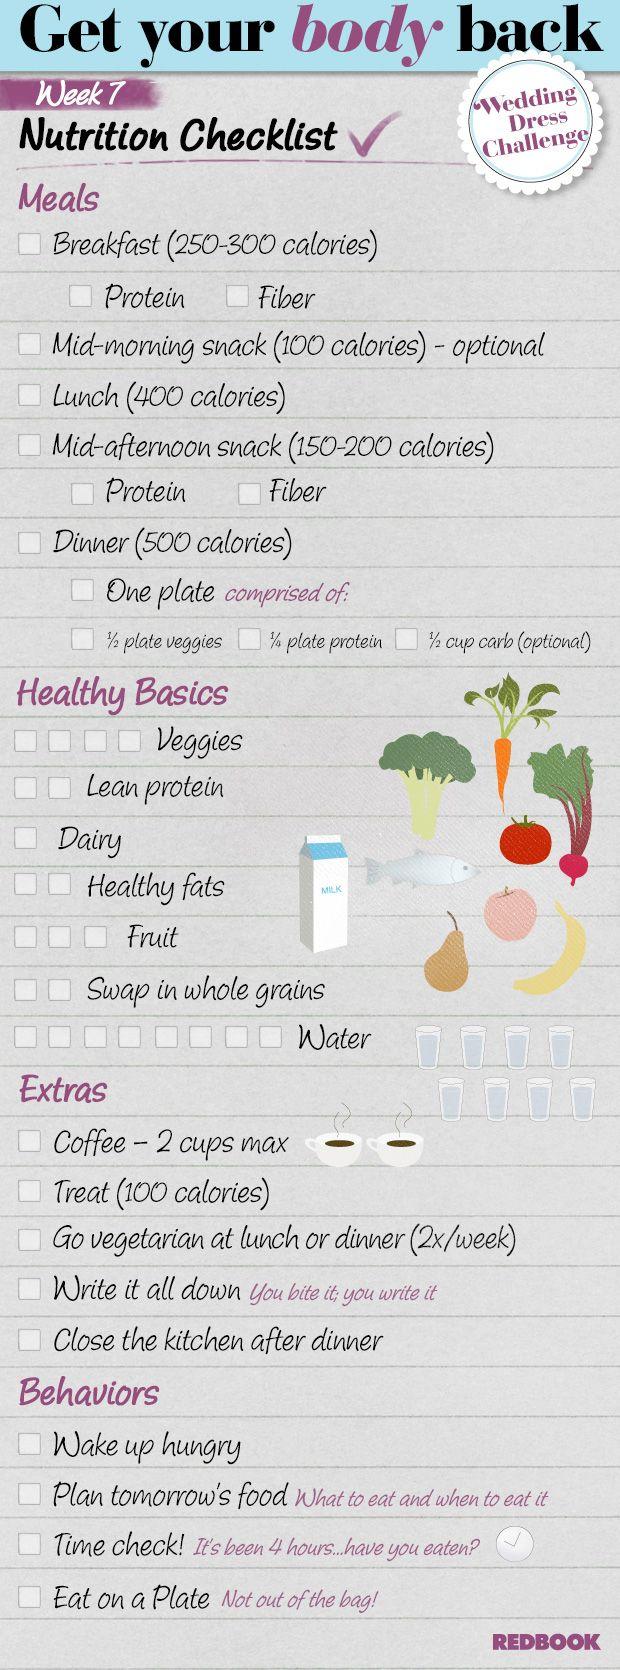 Wedding Dress Challenge Eating Checklist Week 7 - Redbook